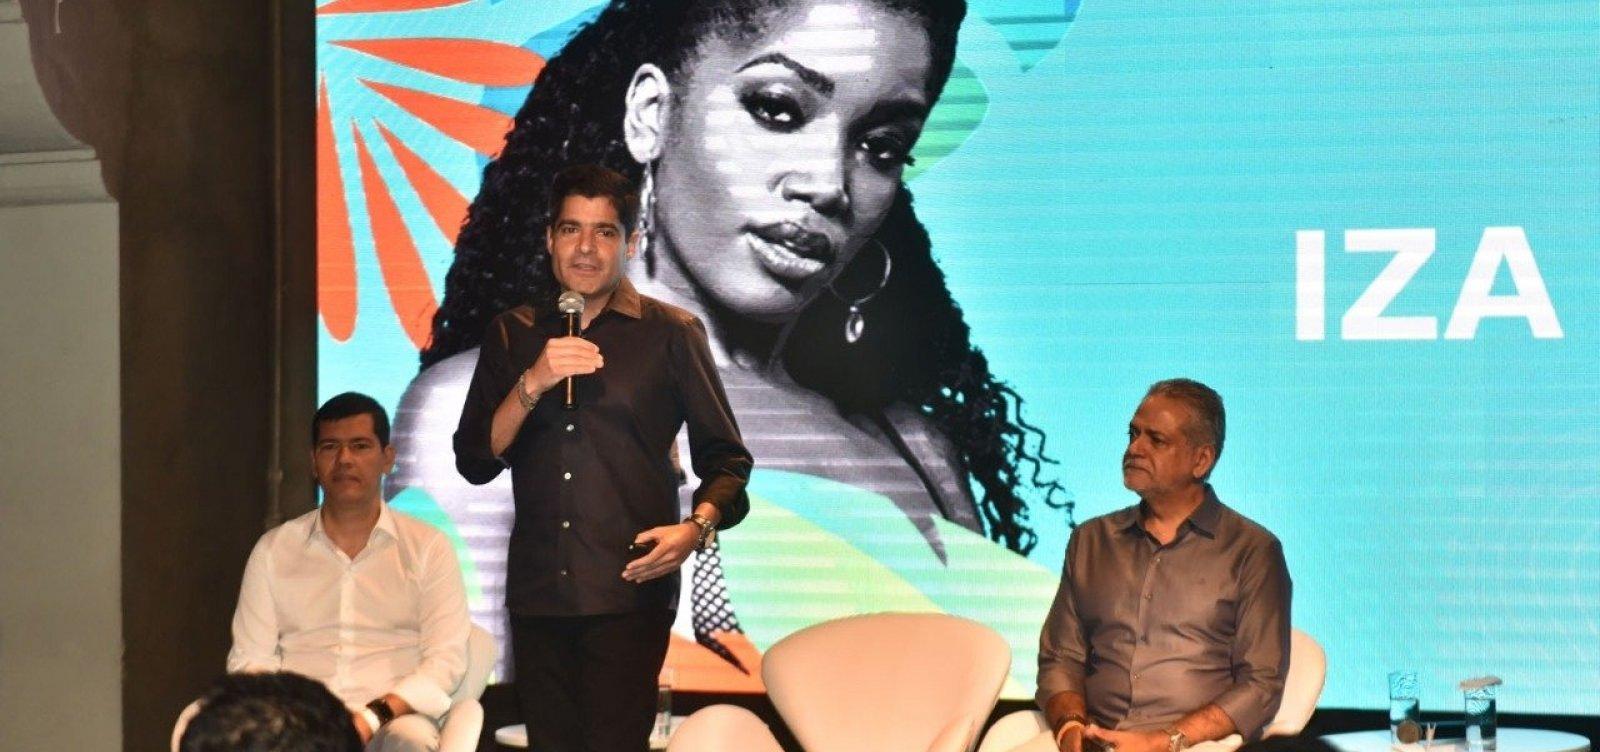 Festival da Virada em Salvador terá Iza e Claudia Leitte